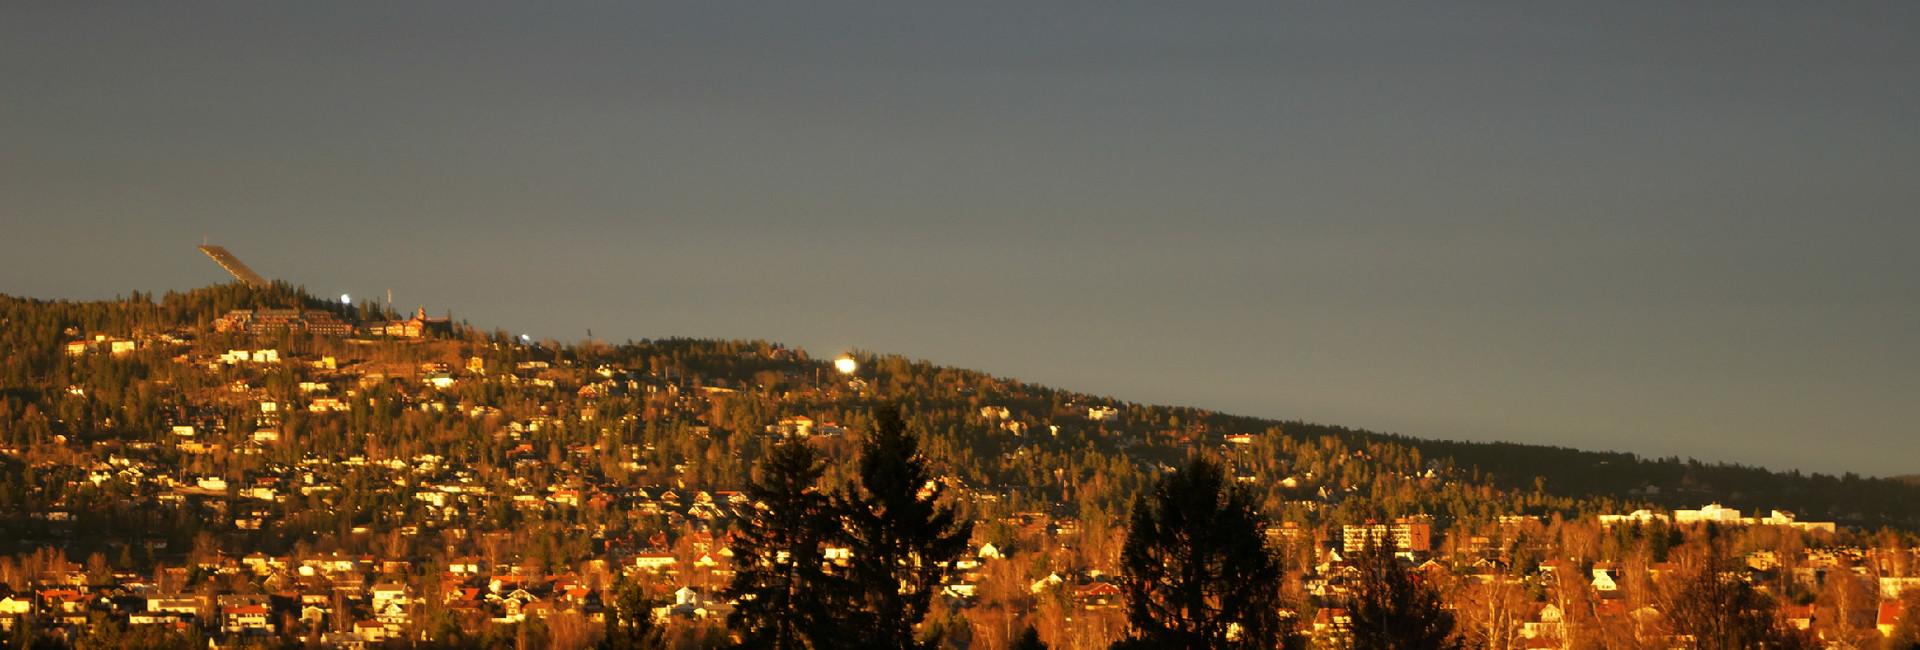 Holmenkollen, utsikt fra E58, april.jpg